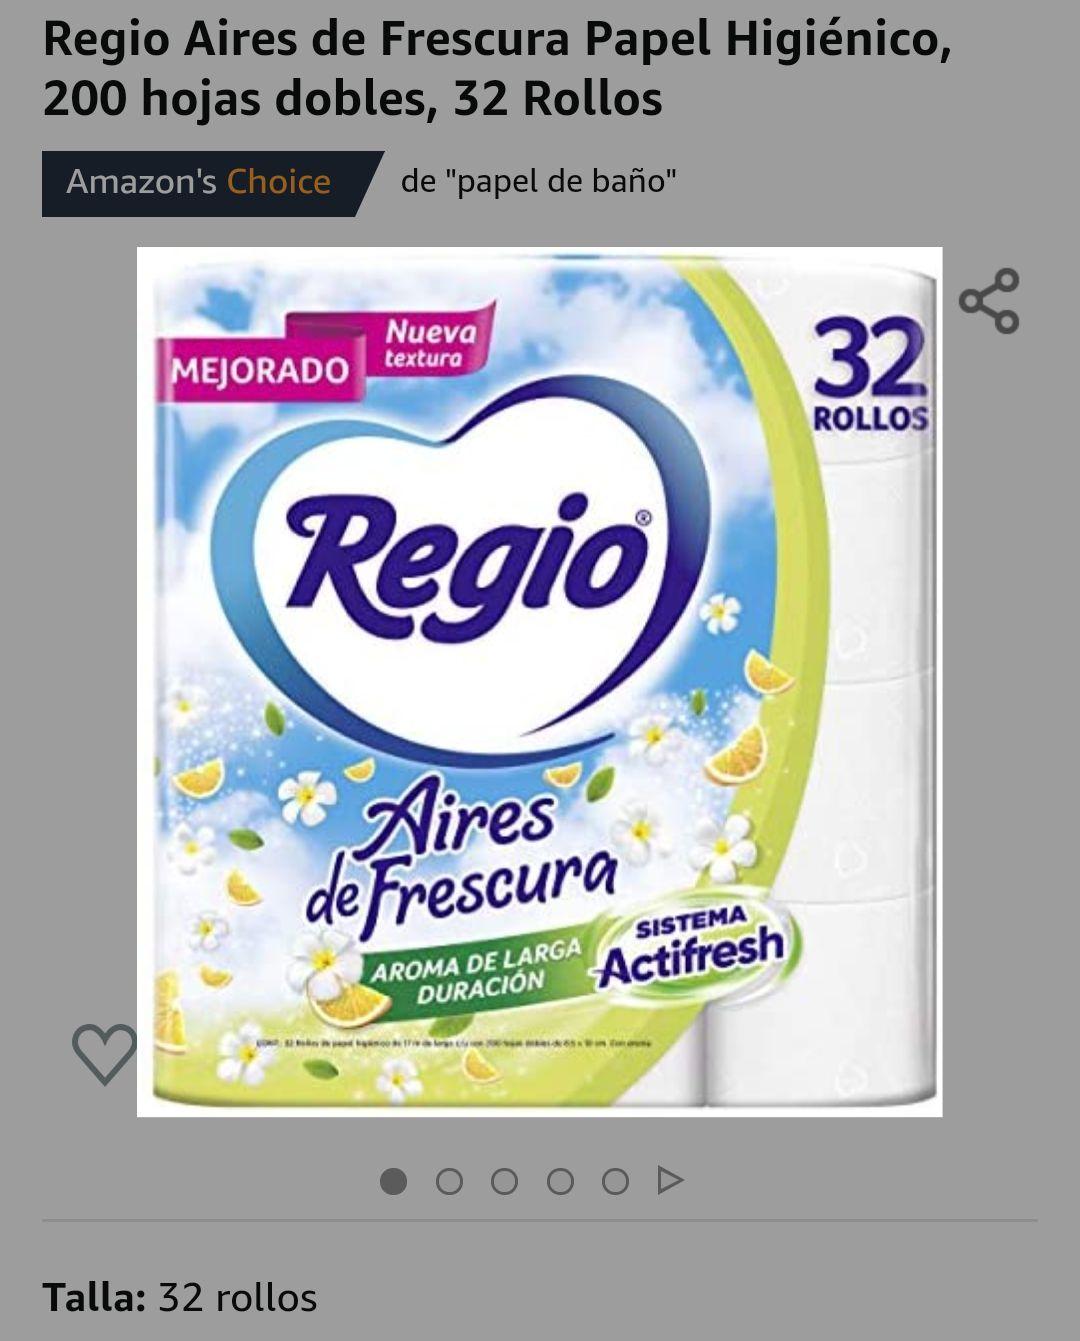 Amazon: 32 Rollos, Regio Aires de Frescura, 200 hojas dobles